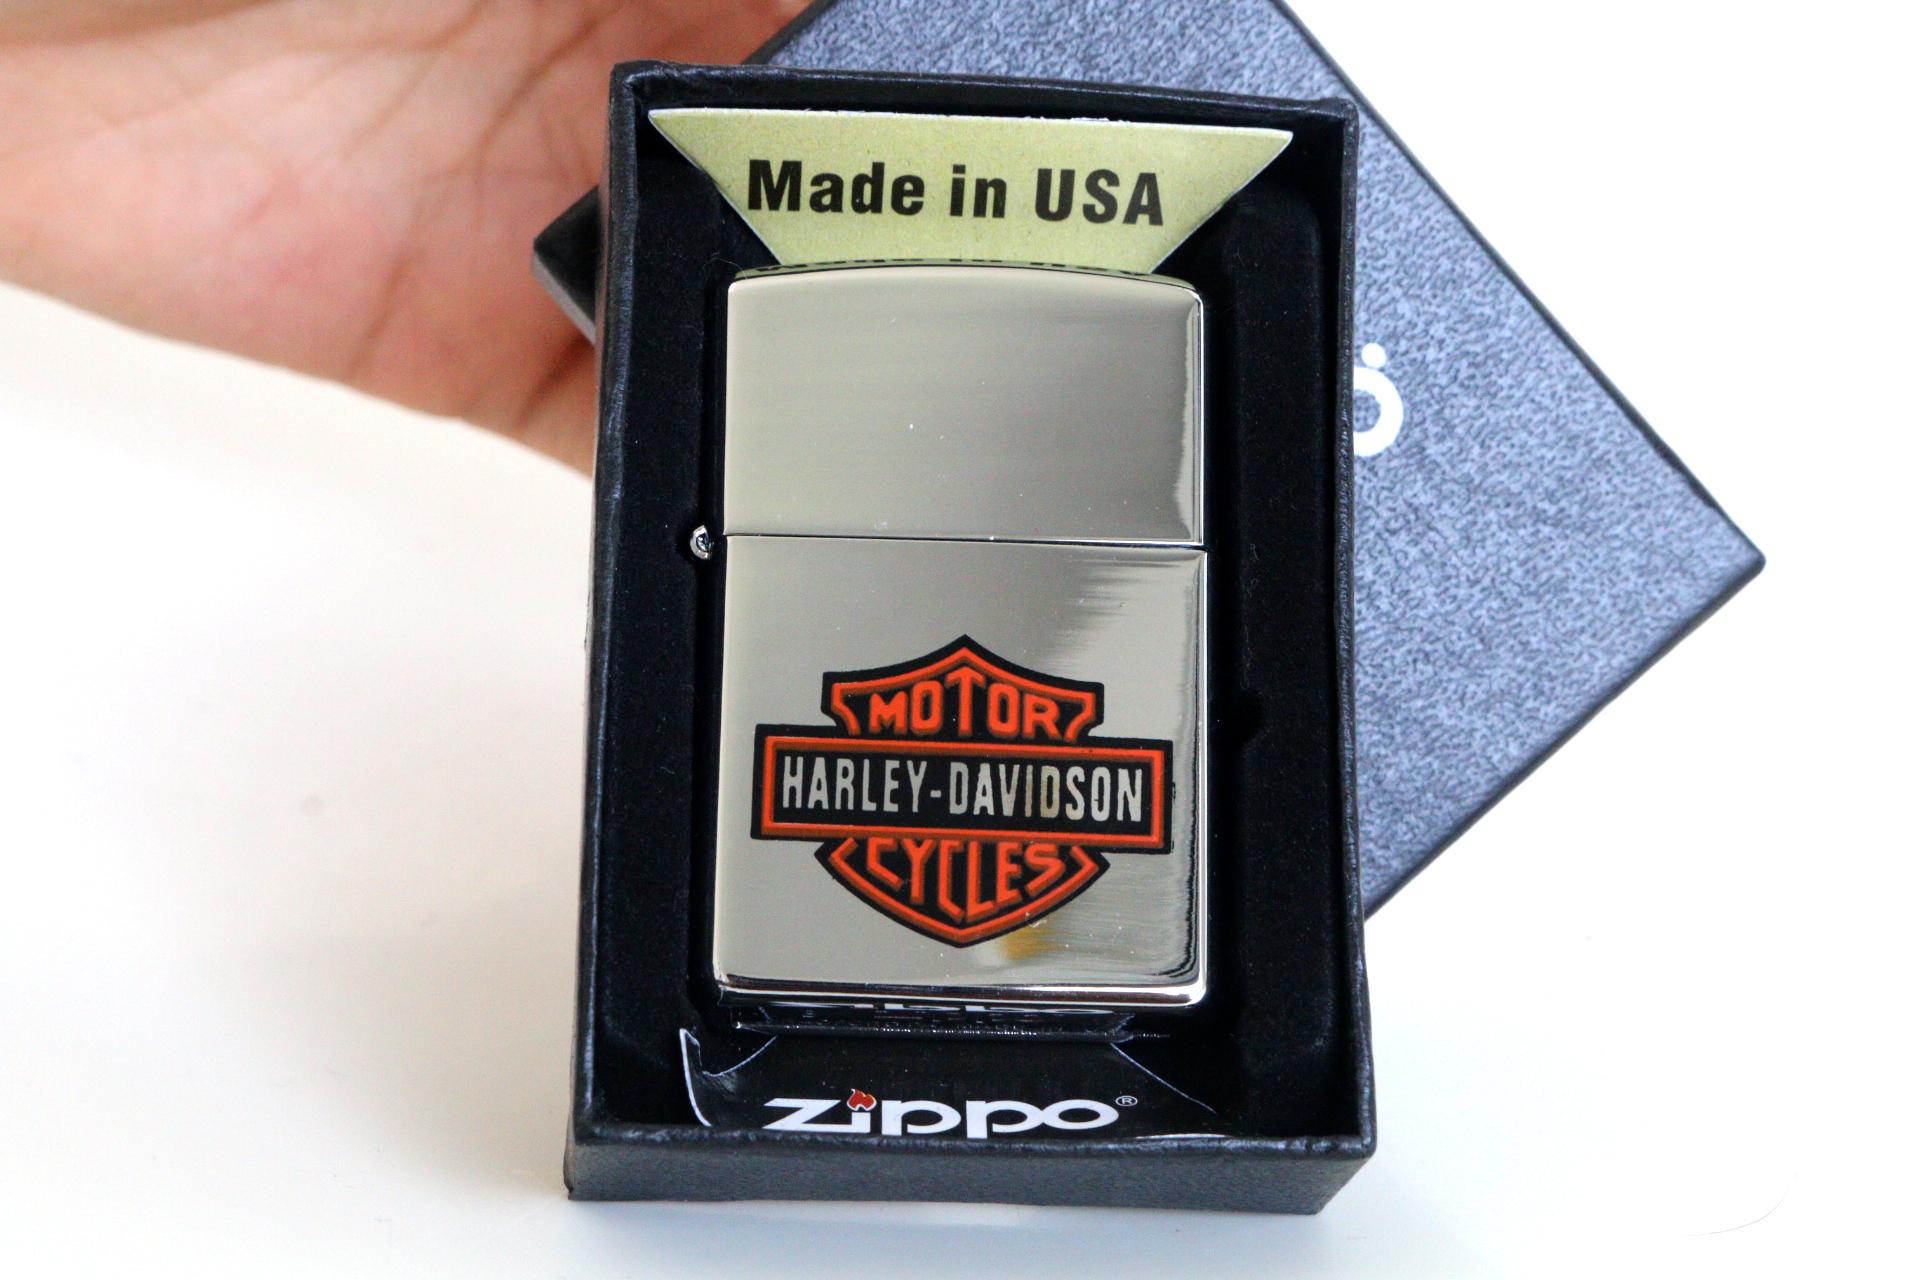 ไฟแช็ค Zippo ลายซิปโป้ ลาย Harley Davidson สกินสี ทนทาน ตัวงาน Mirror